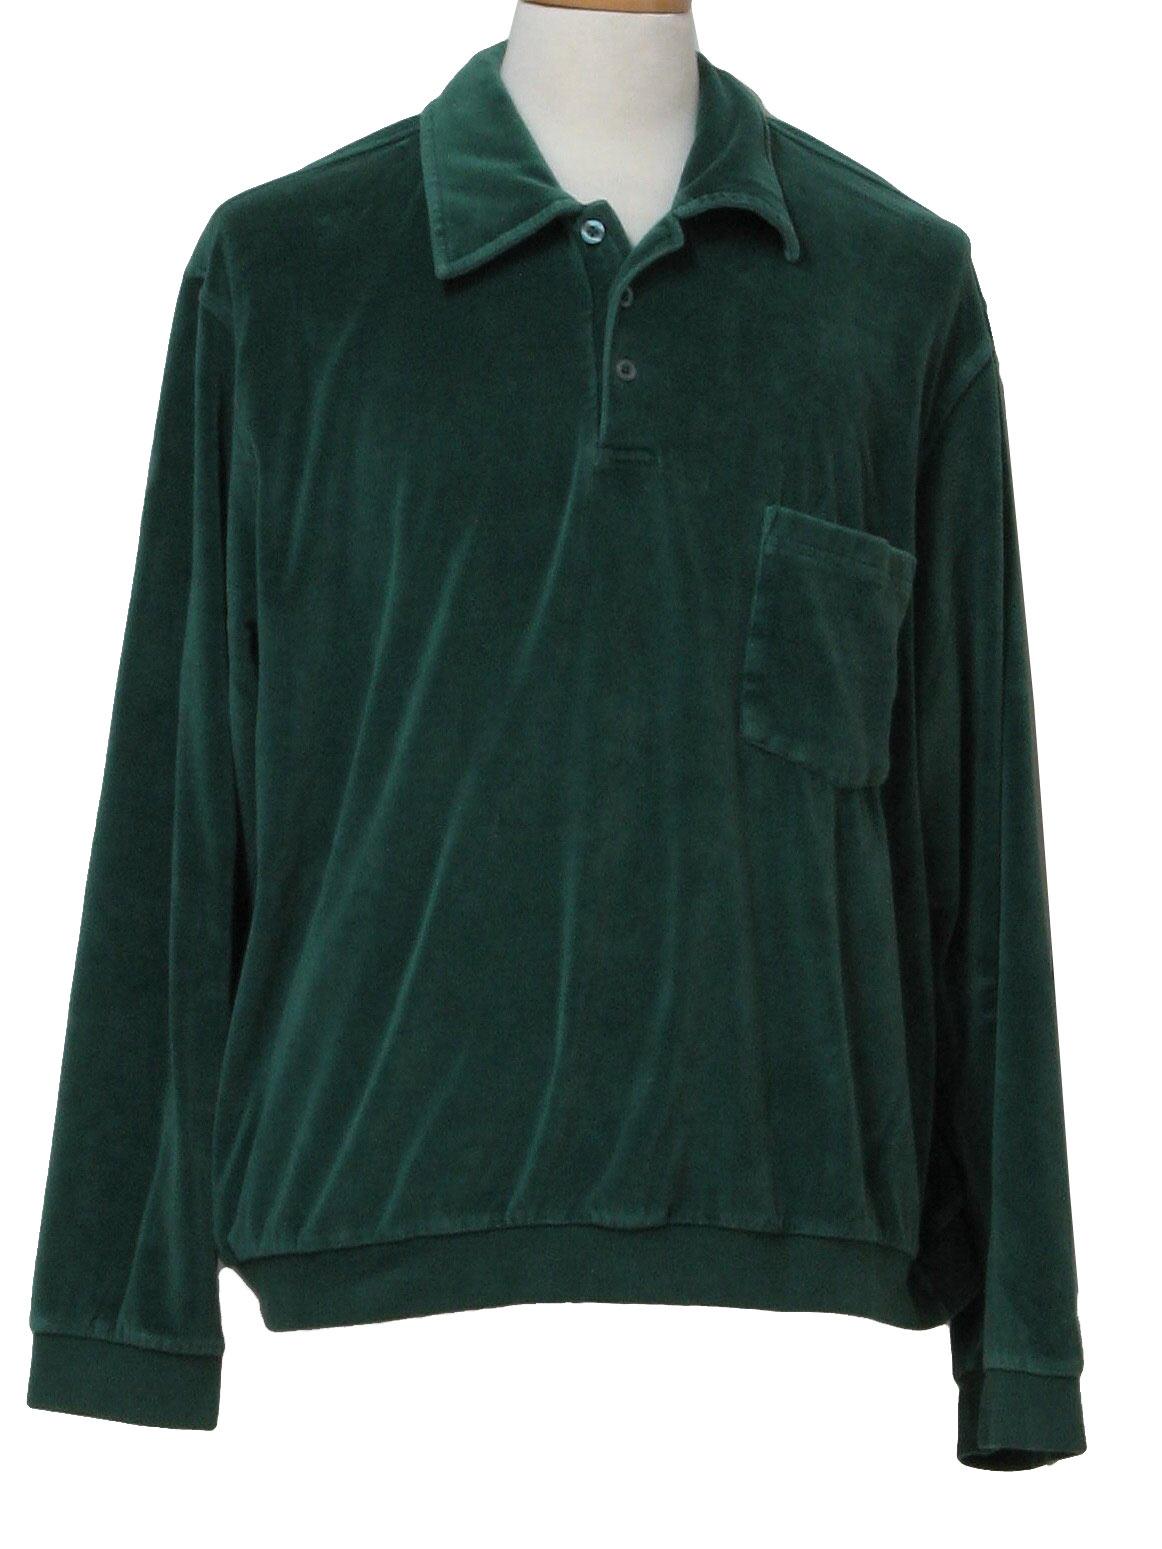 John Blair 1990s Vintage Velour Shirt 90s John Blair